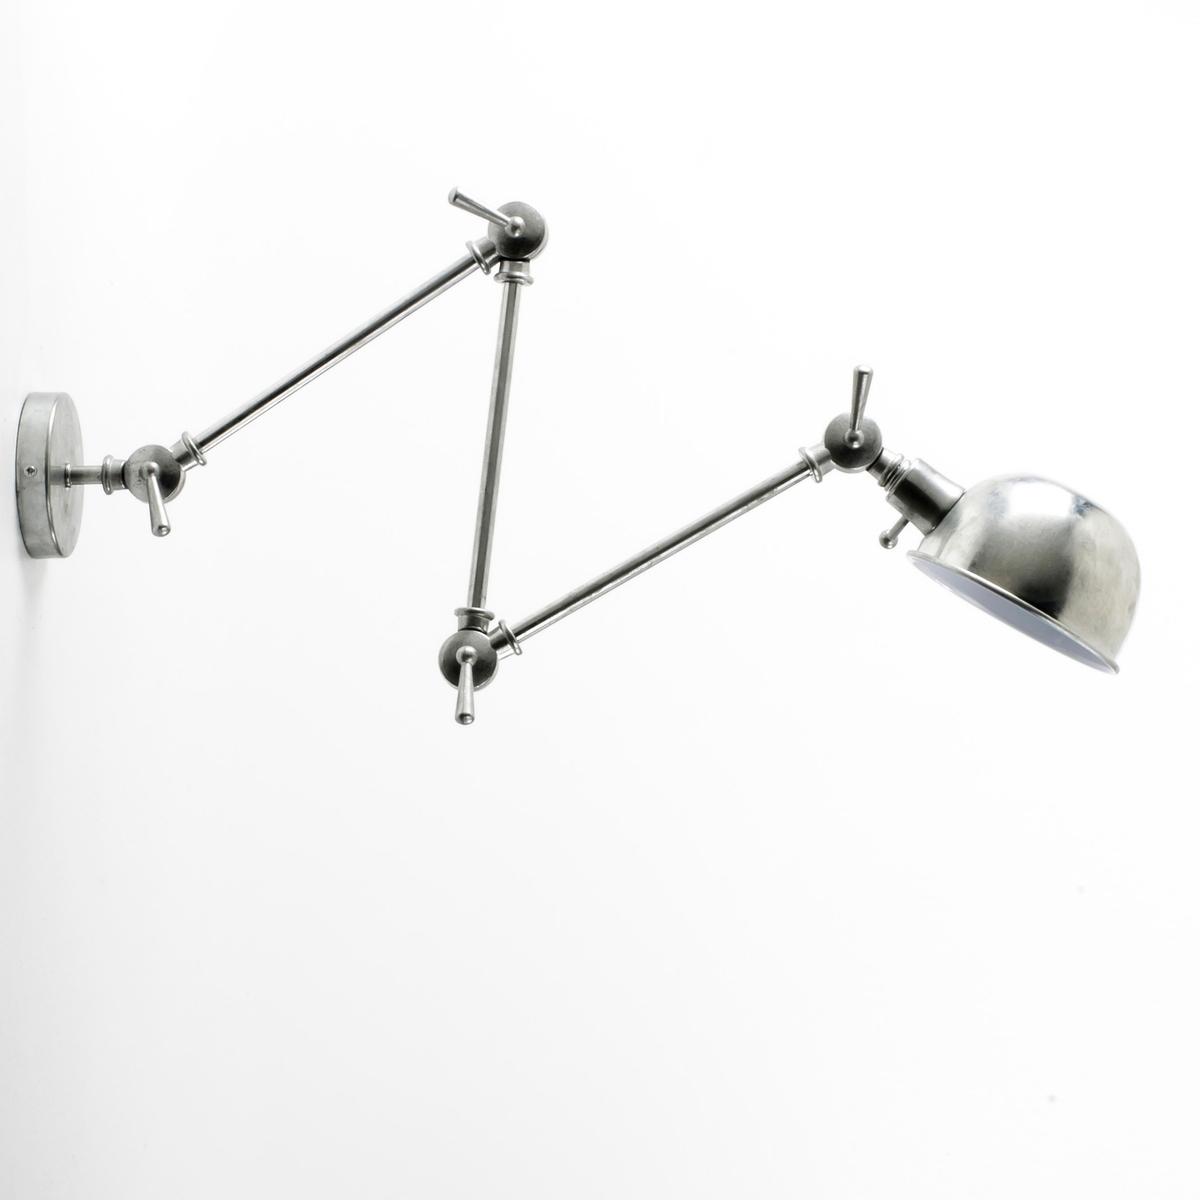 Светильник с 3 лапками TornadeЭтот светильник с 2 лапками выполнен в индустриальном стиле и обеспечит вам освещения высокого качества .Из оцинкованного металла или с матовым эпоксидным покрытием . 3 гибкие лапки, крепящиеся на стену с помощью пластинки (? 10,5 см). Патрон E14 для лампочки макс 40W (не входит в комплект)  . Длина.85 x Ширина.14 x высота.40 см (в нормальном положении). Есть модель с 2 лапками .Этот светильник совместим с лампочками    энергетического класса   A-B-C-D-E .<br><br>Цвет: серый оцинкованный,черный